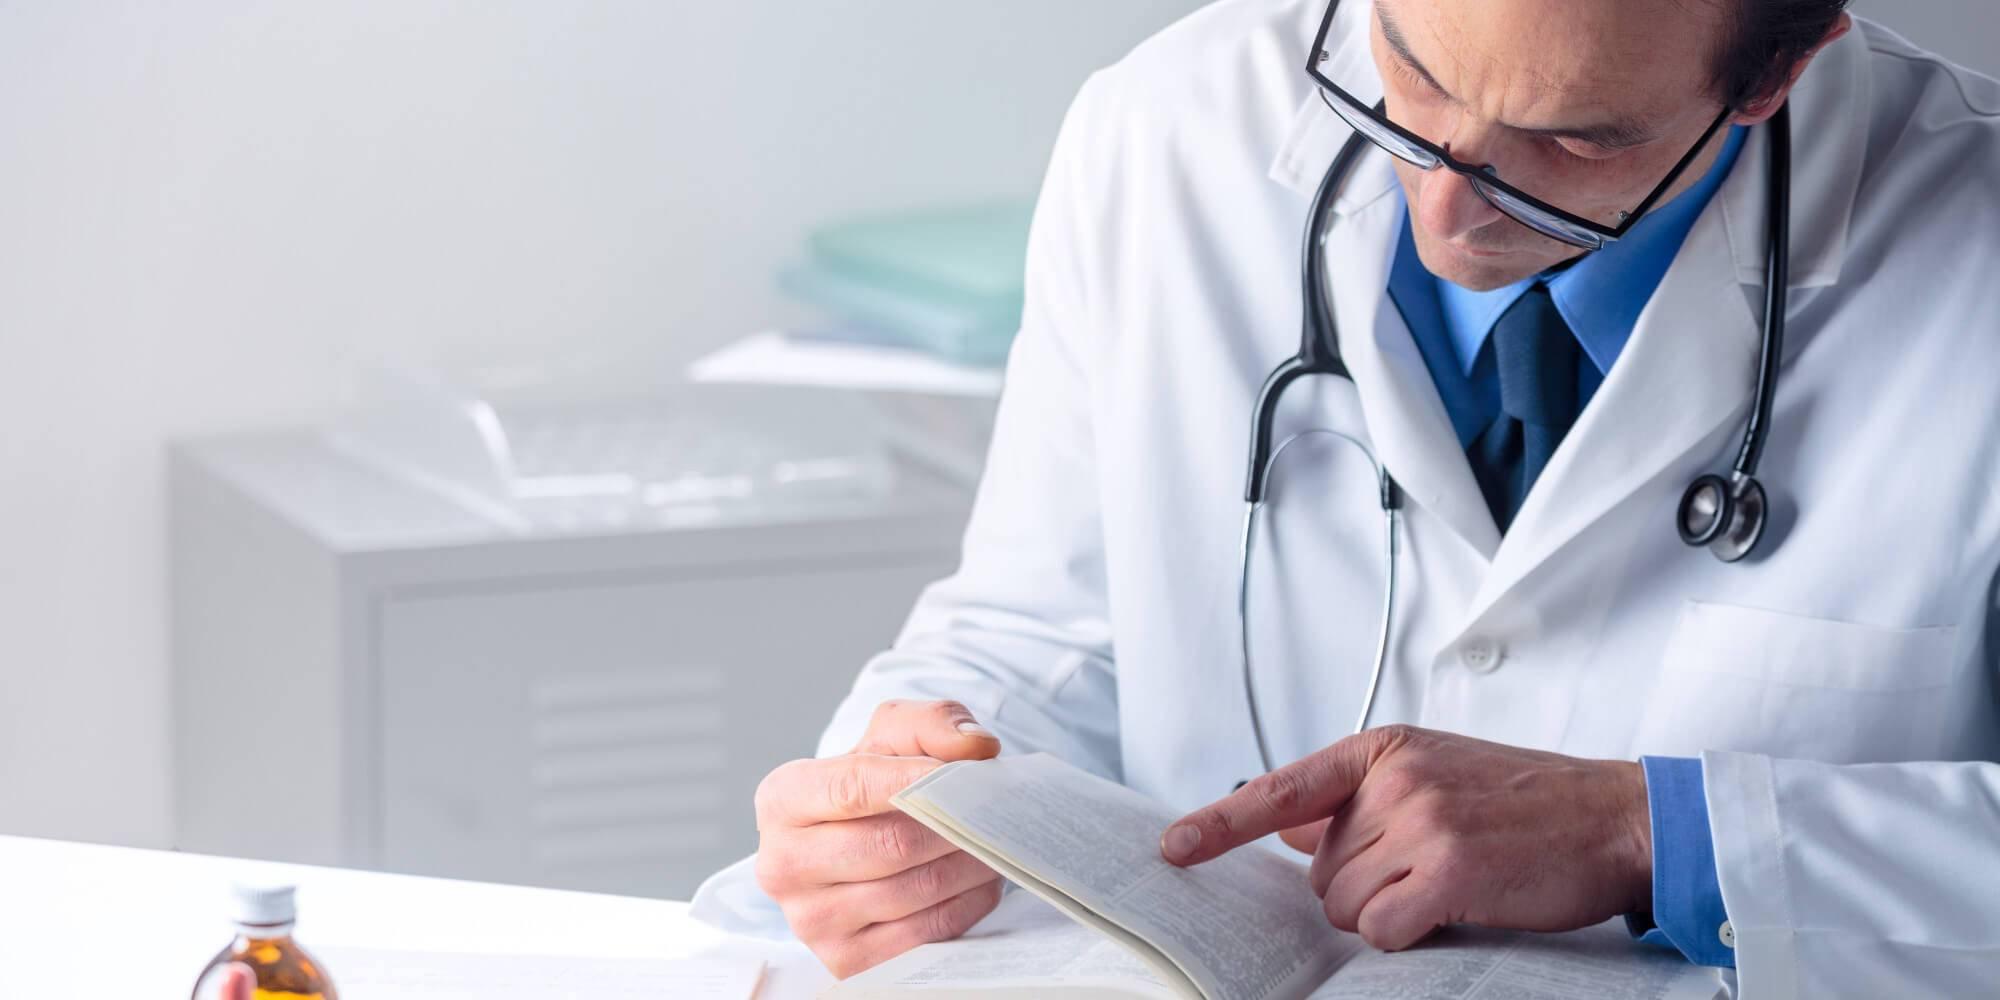 Помощь врача репродуктолога будущим родителям